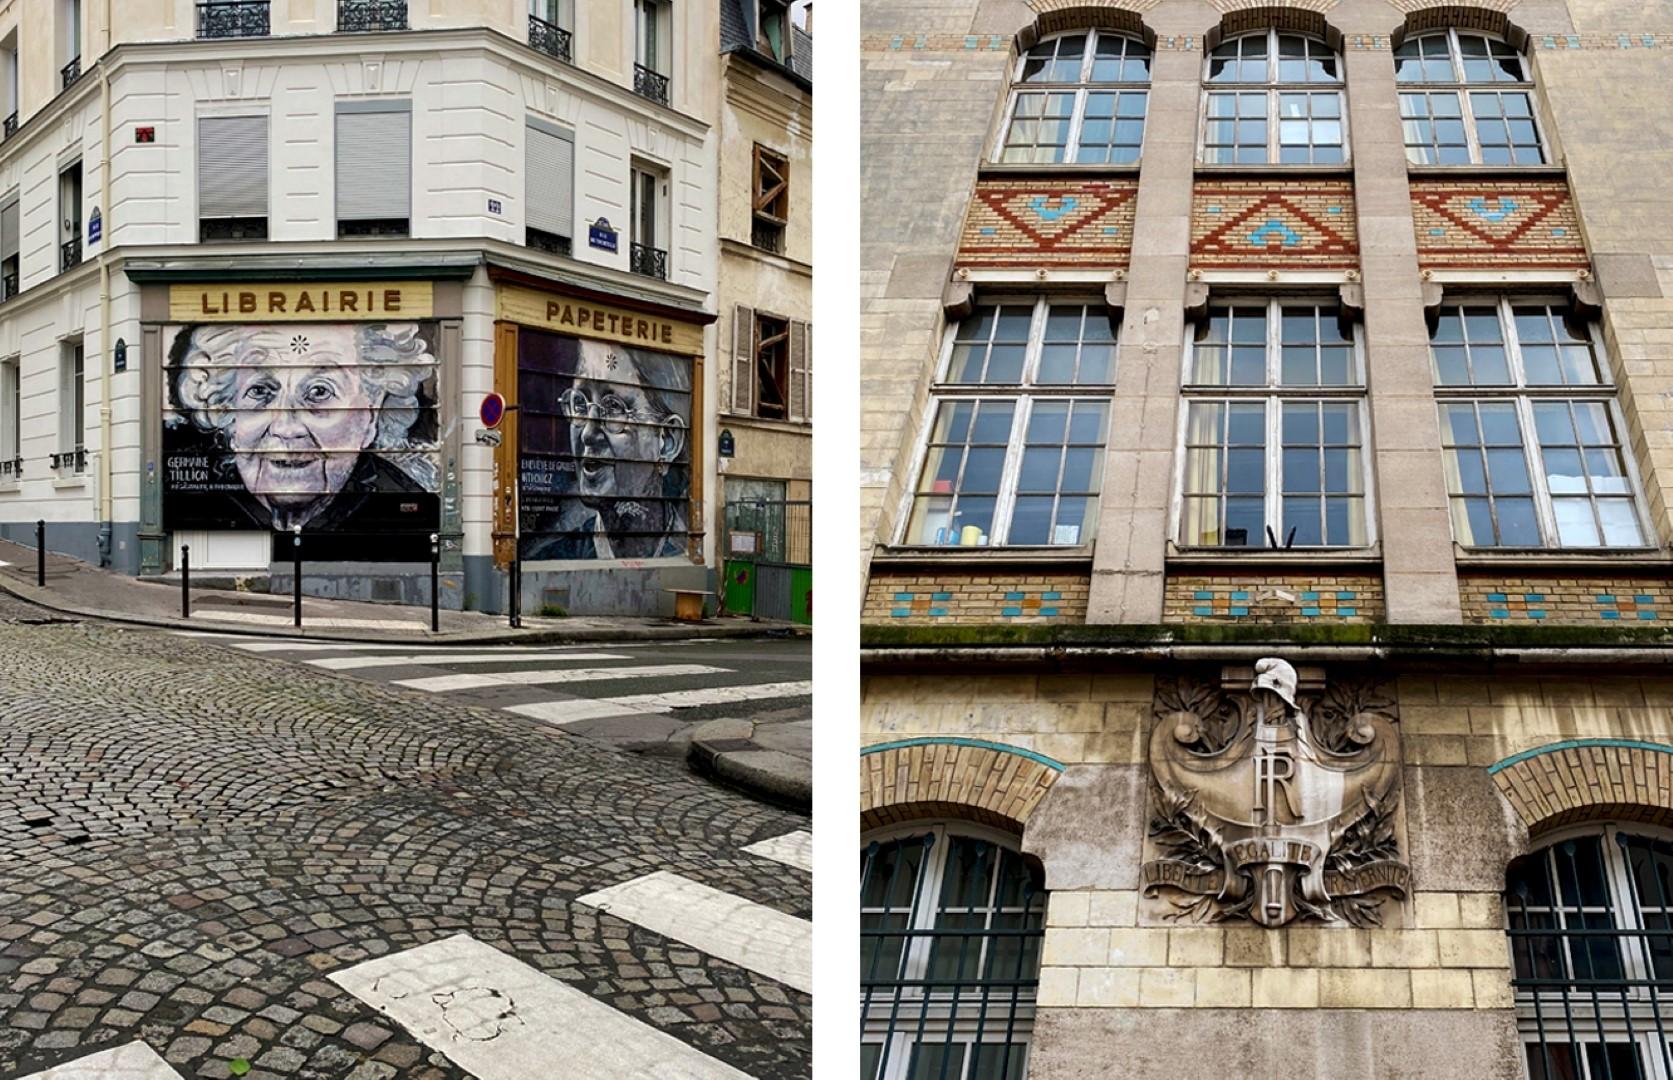 Balade le long de la rue de Belleville - Cours cachées - Rue de Tourtille